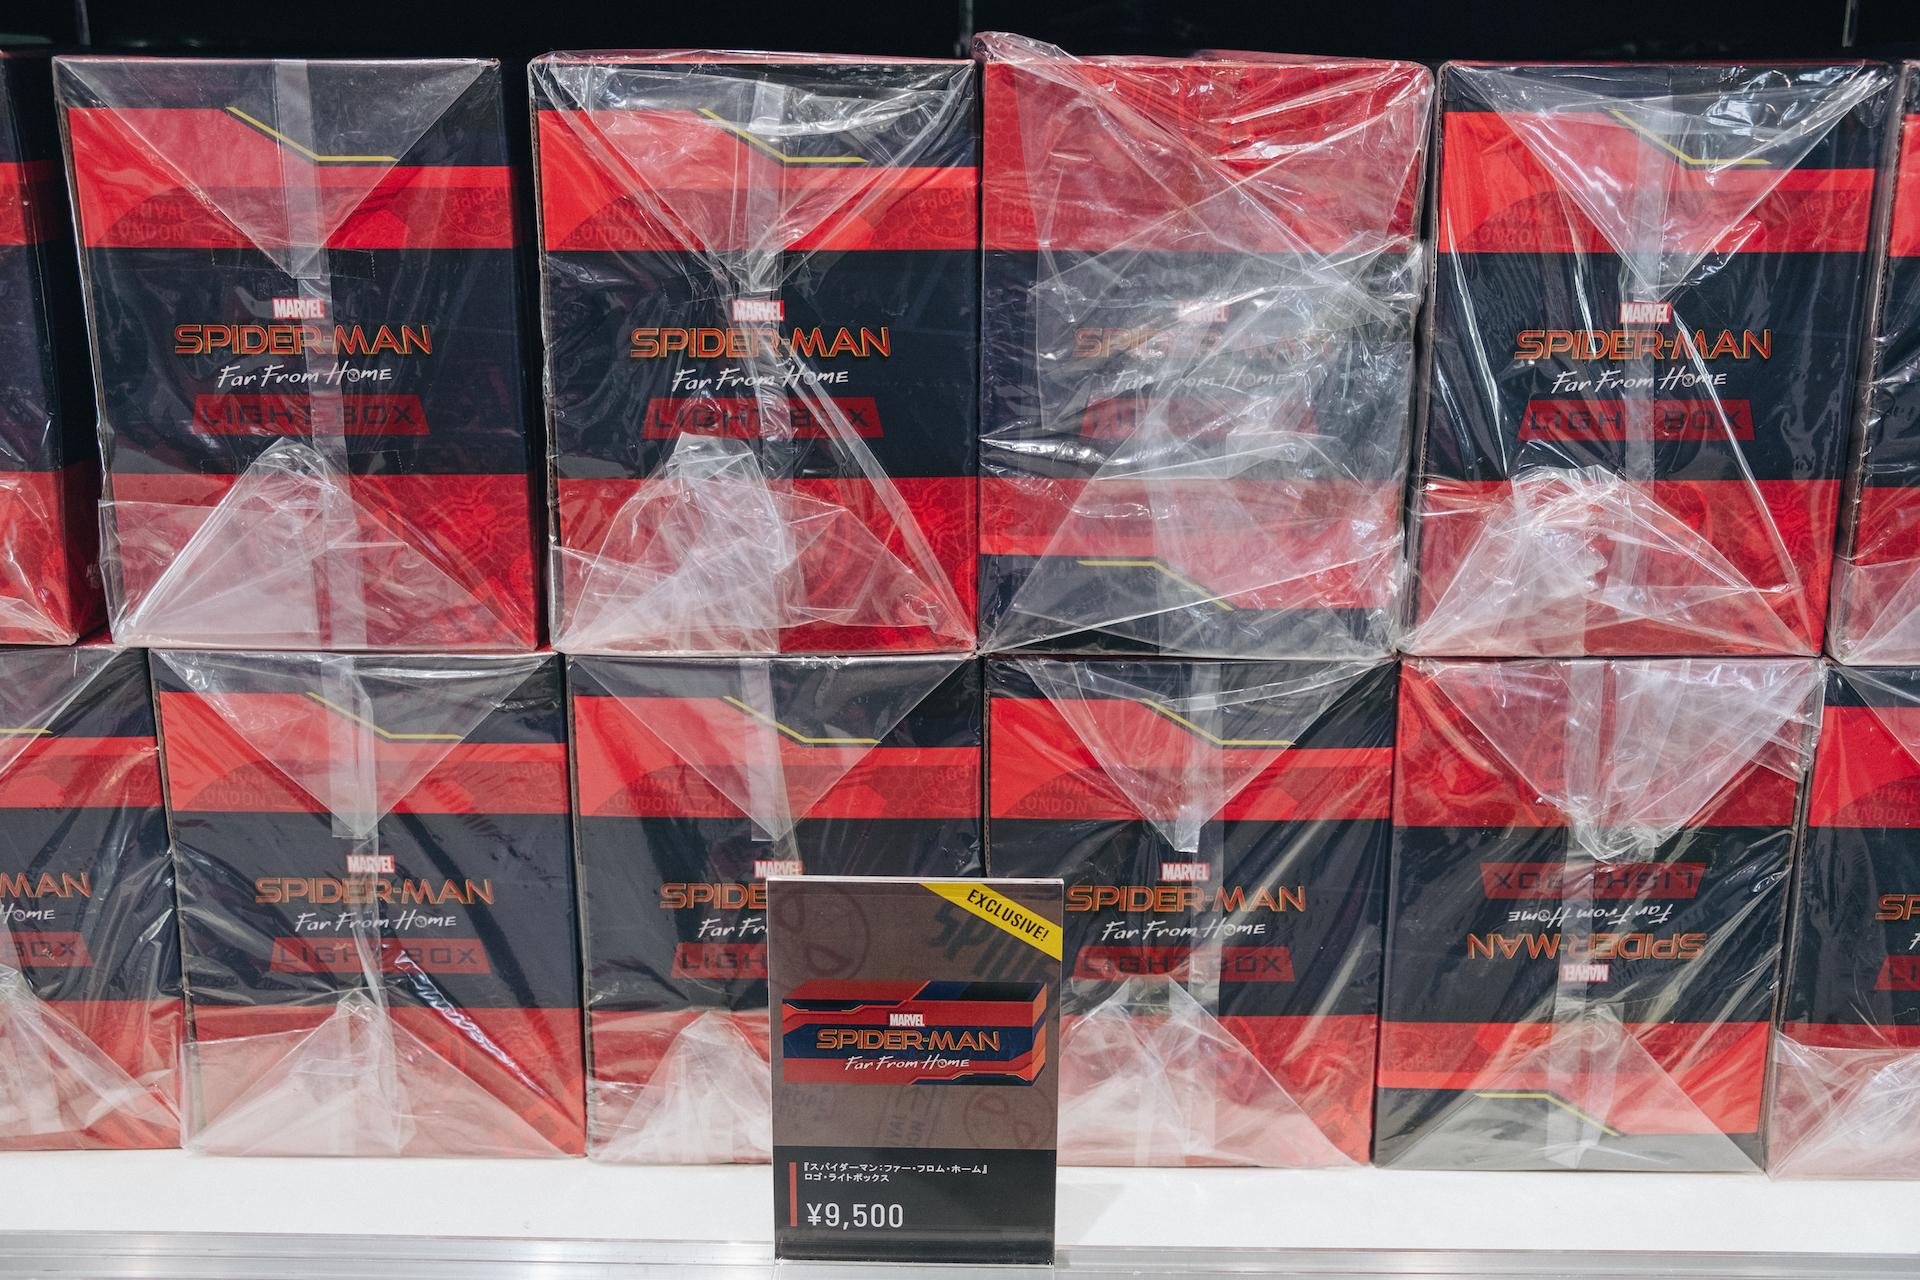 スパイダーマン好きなら目ギラギラ大興奮必至の期間限定ショップ探訪 art-culture-spiderman-store-report-17